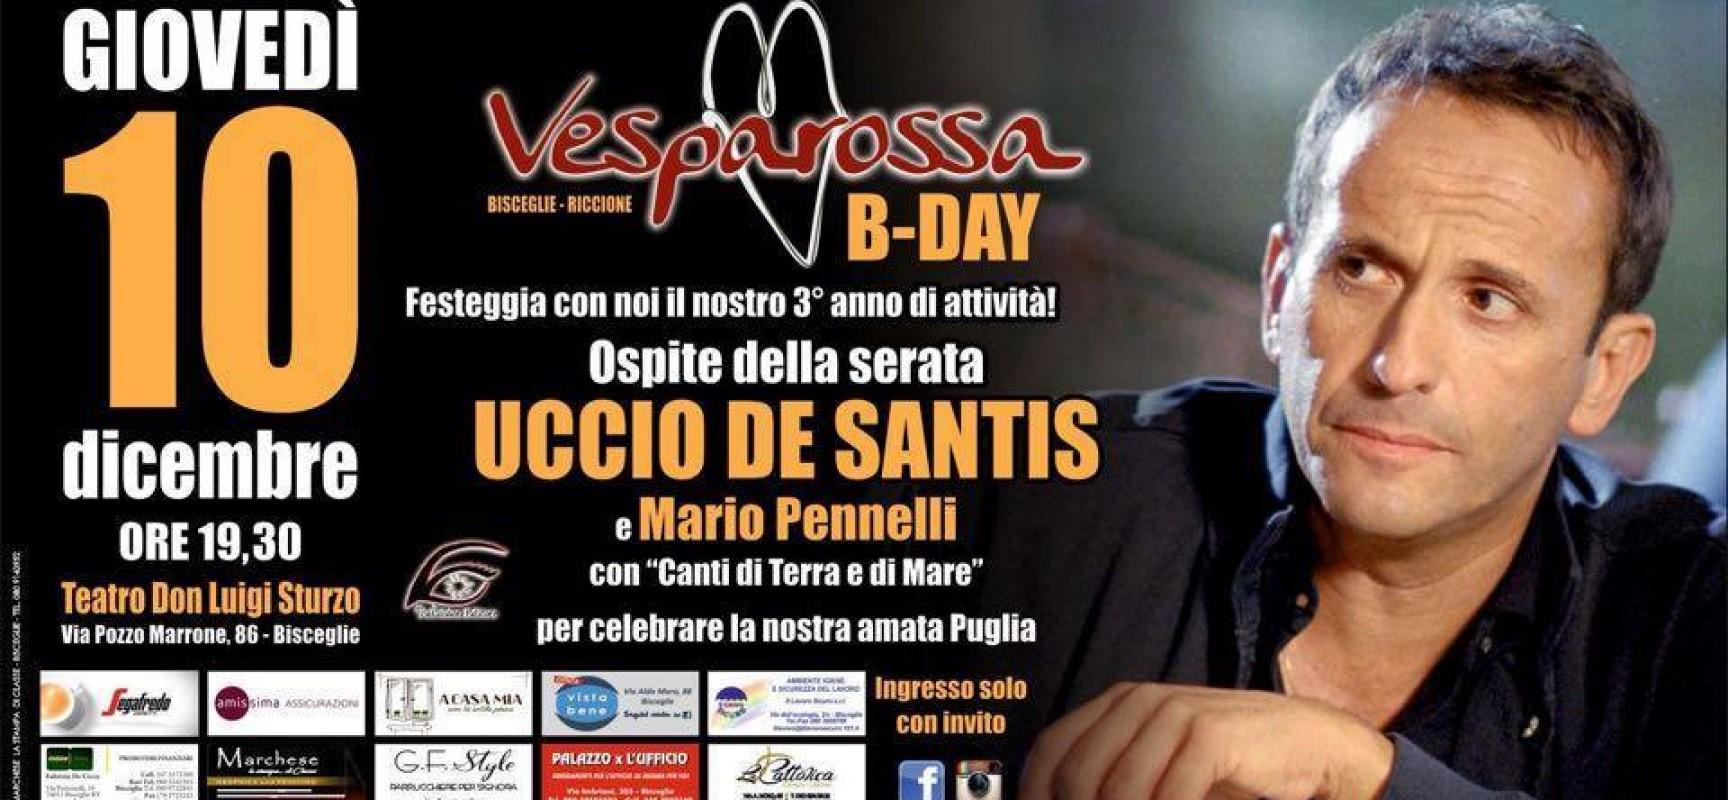 """Mario Pennelli ed Uccio De Santis al """"Don Sturzo"""" per festeggiare i tre anni di Vesparossa"""